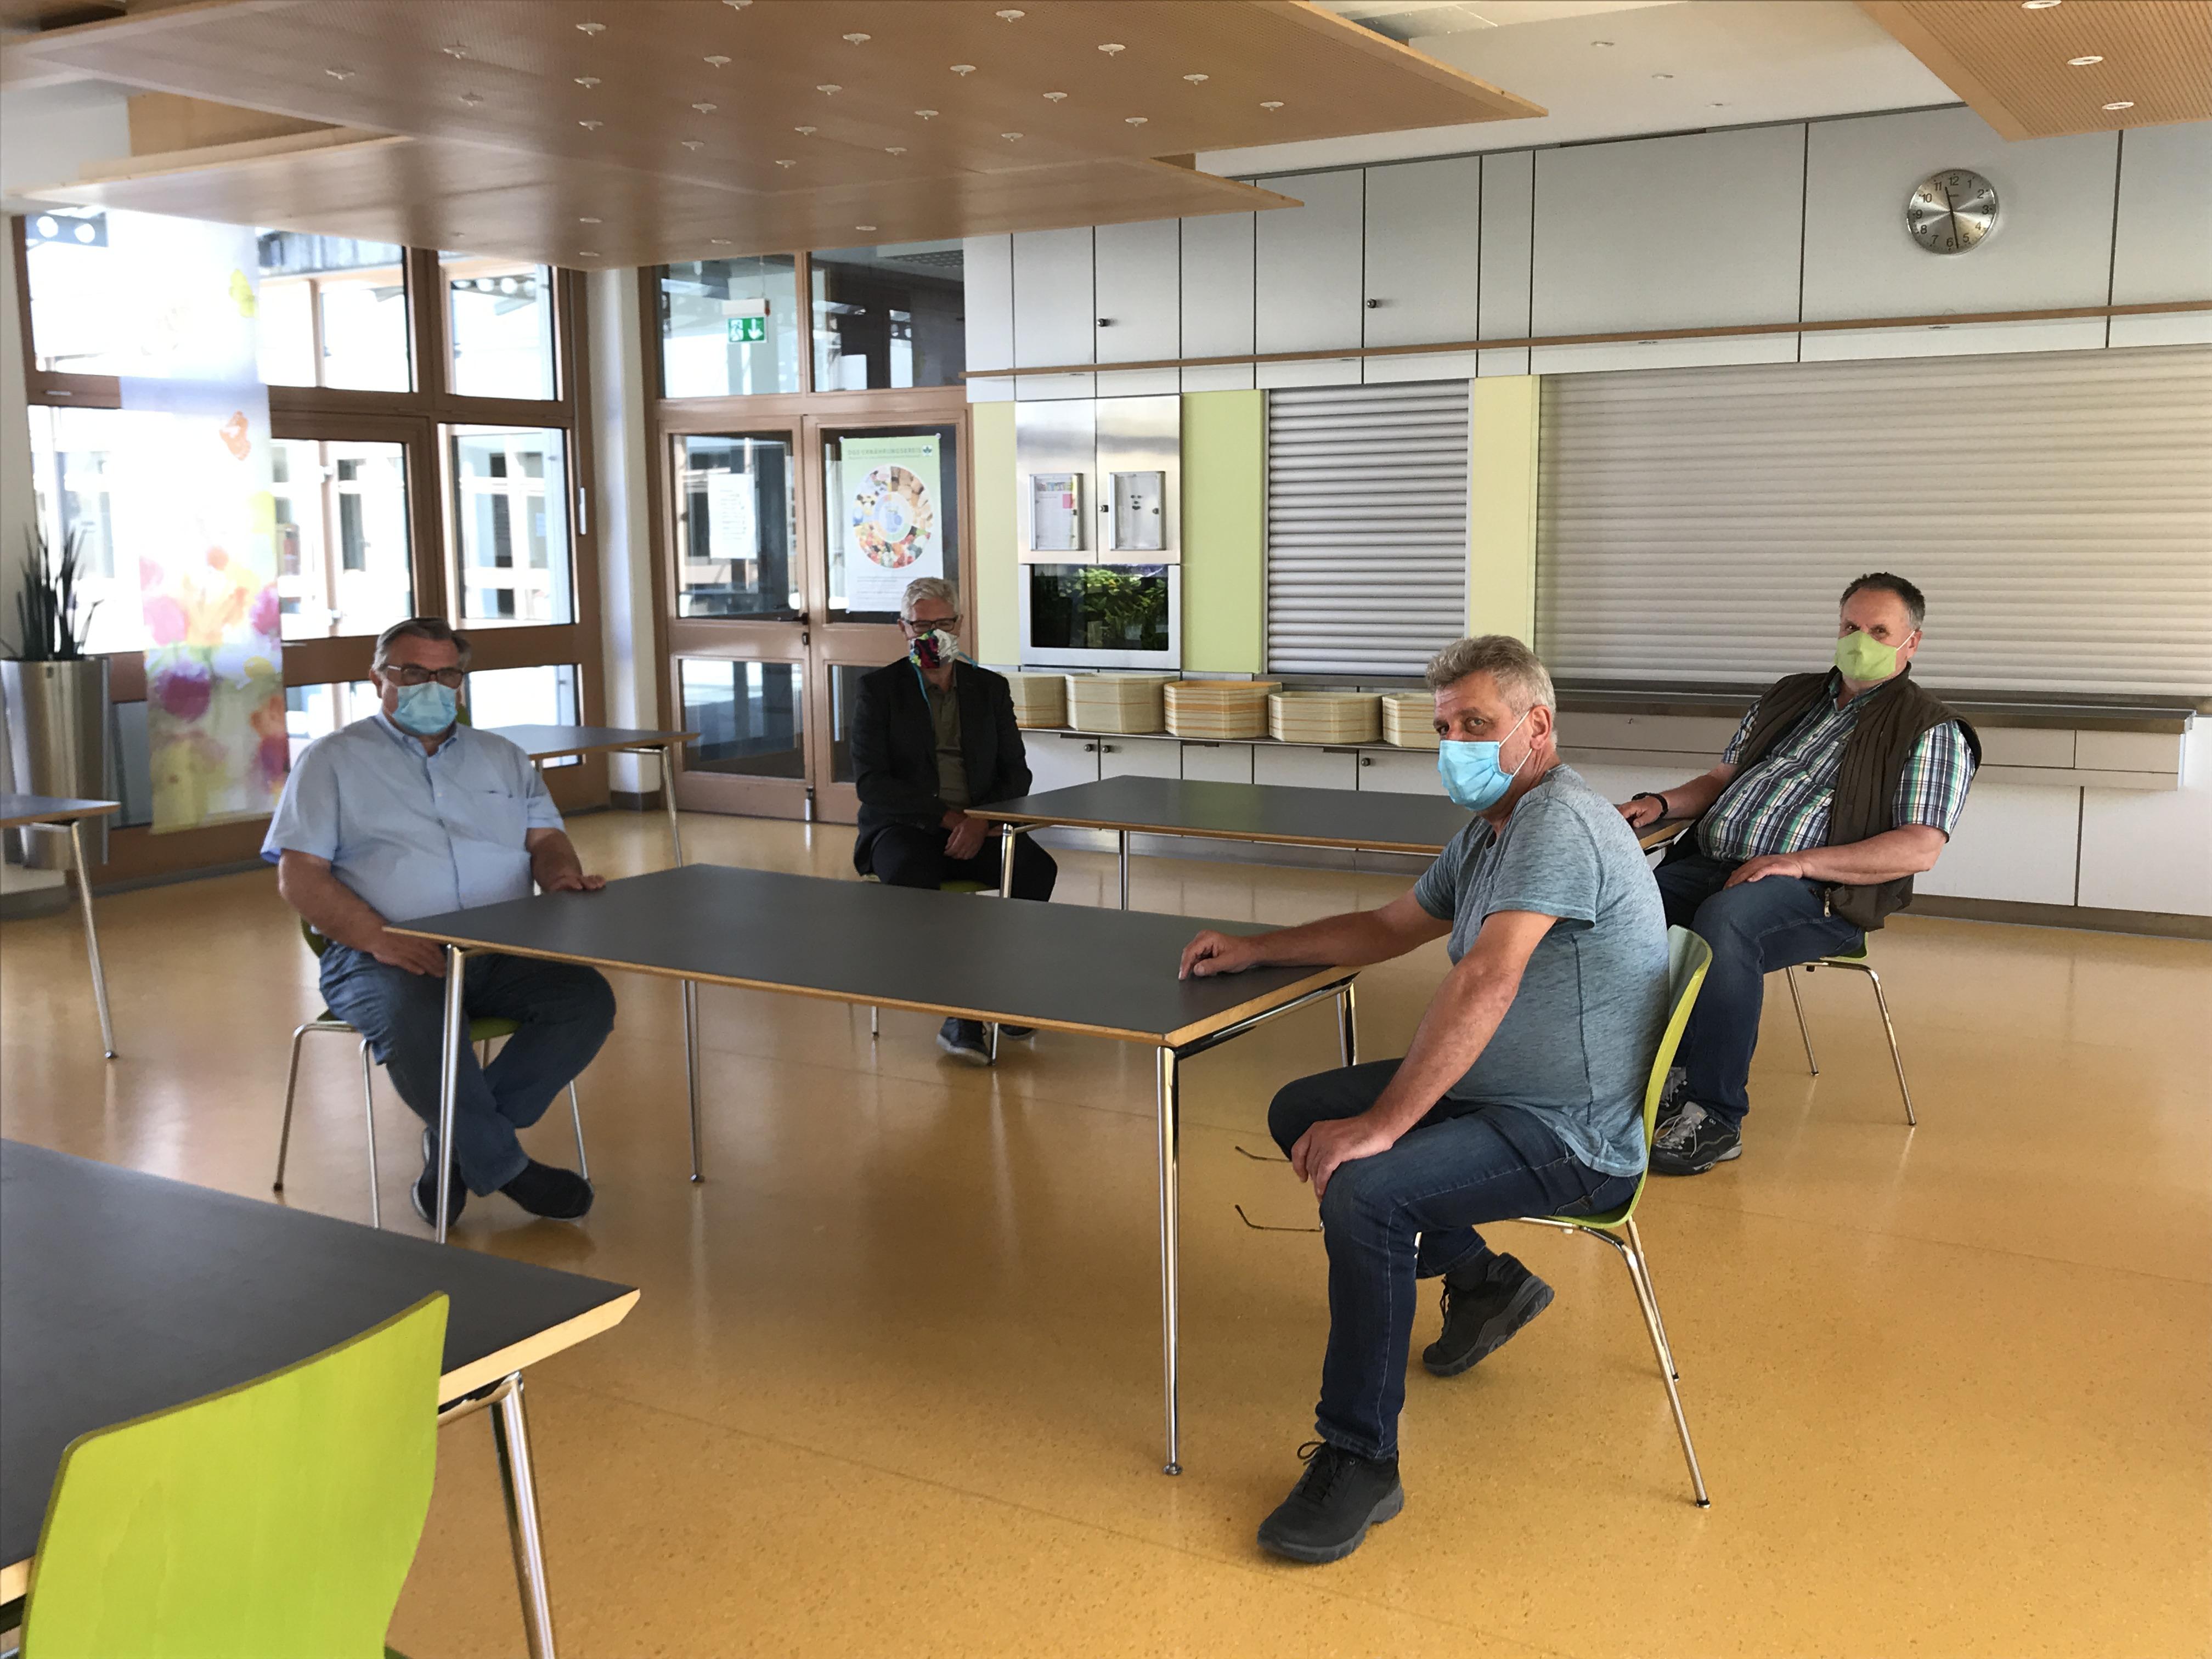 Die Kantine der Moritzberg-Werkstätten im Werk 1 - auch hier wurden bereits vor Wochen schon Vorkehrungen rund um Hygiene und Abstand getroffen. Knapp 35 Personen können hier Essen.